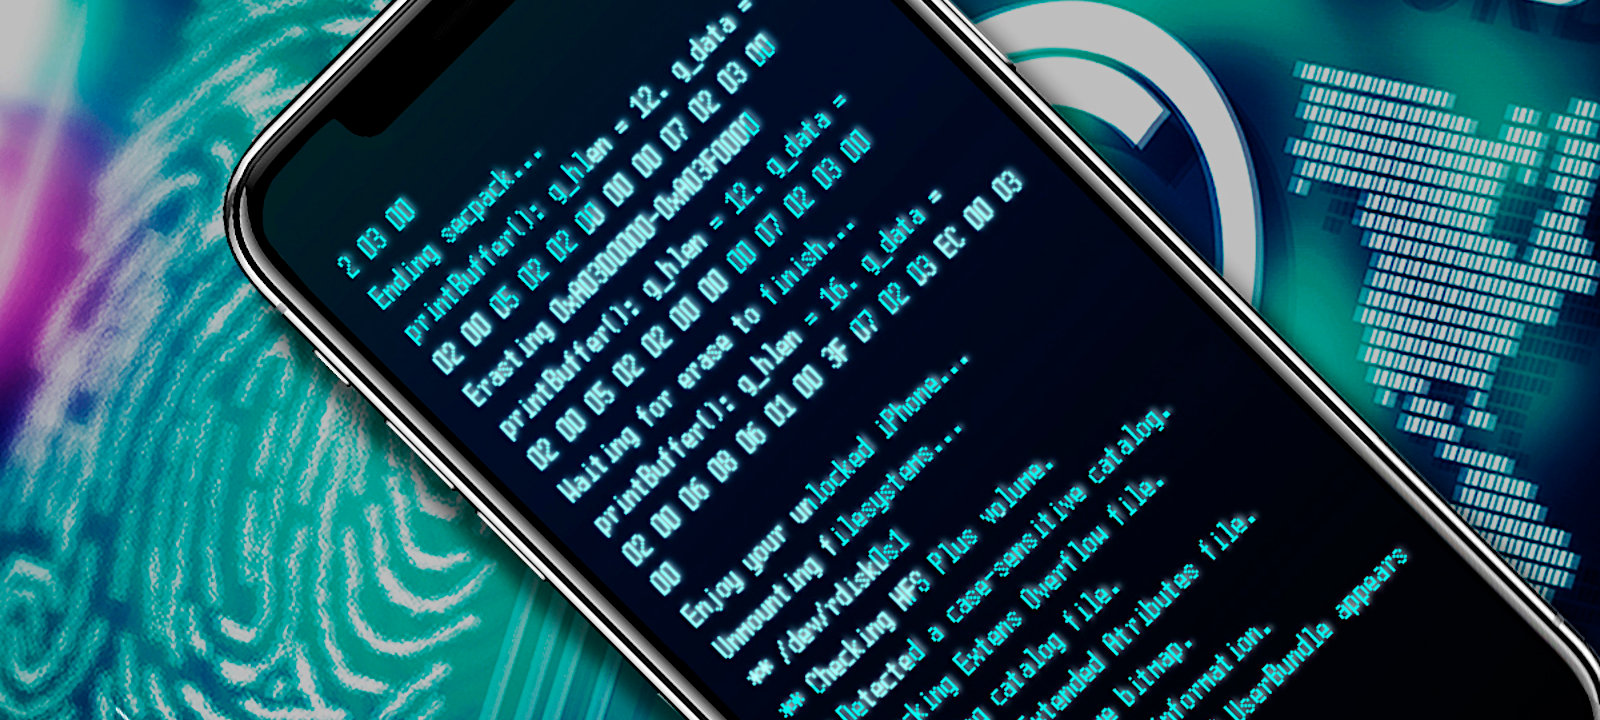 Самая небезопасная ОС. Как популярность iOS ставит ее пользователей под угрозу